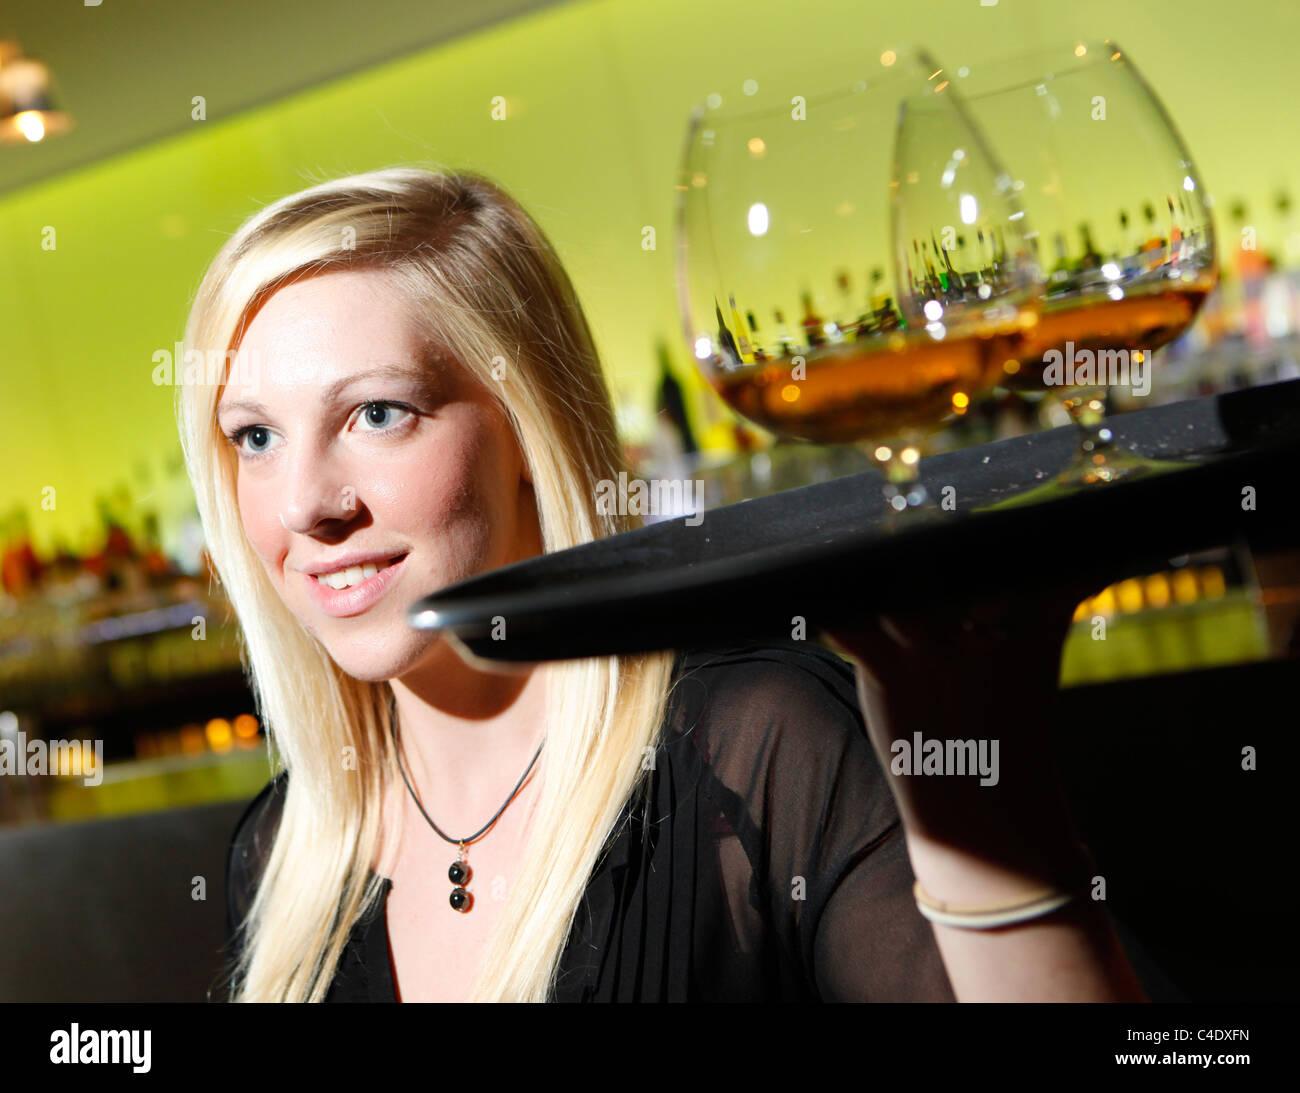 Serveuse dans un bar à cocktails portant un plateau de verres de brandy Photo Stock